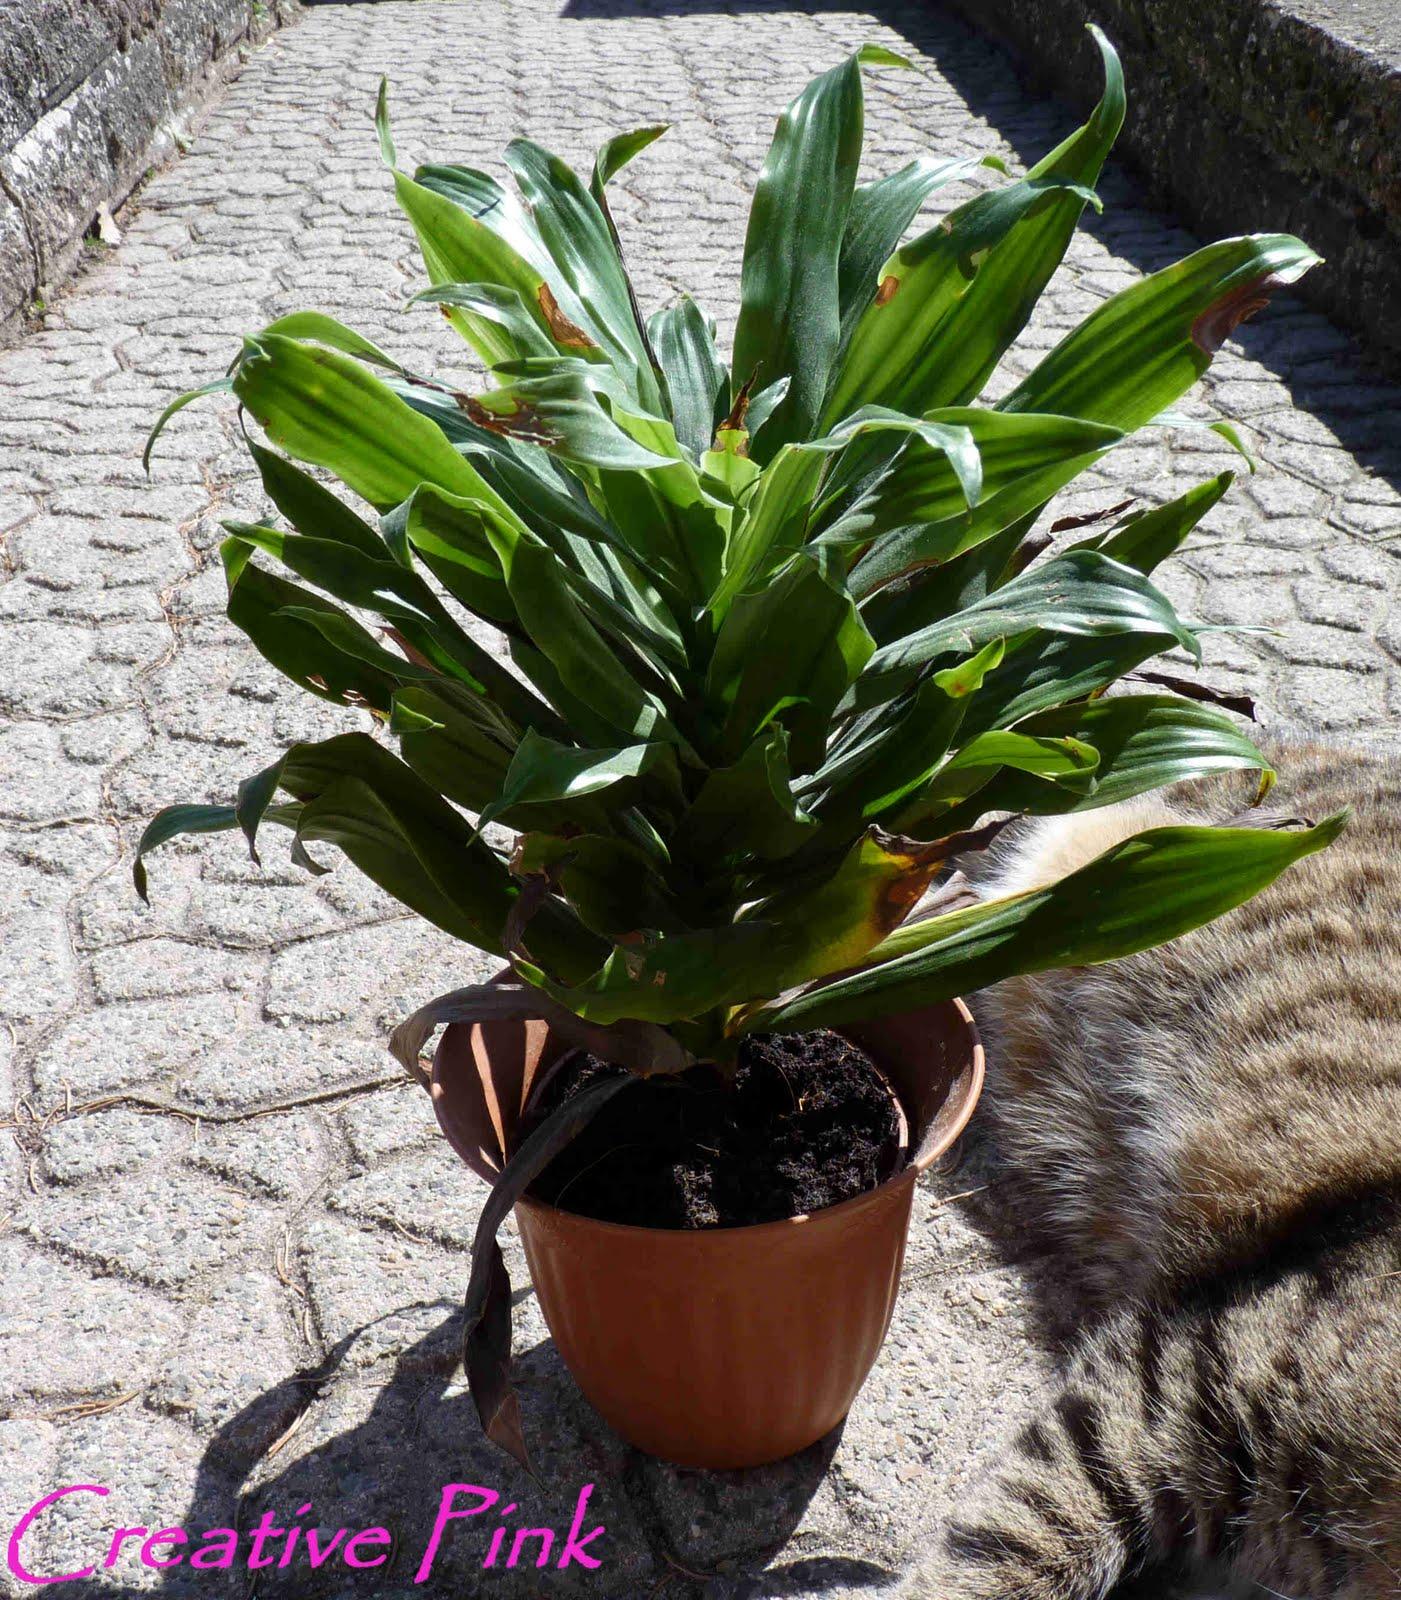 Pflanze Mit S : pflanze mit g pflanze gefunden hnlichkeit mit efeu gundermann pflanzen botanik bestimmung ~ Orissabook.com Haus und Dekorationen